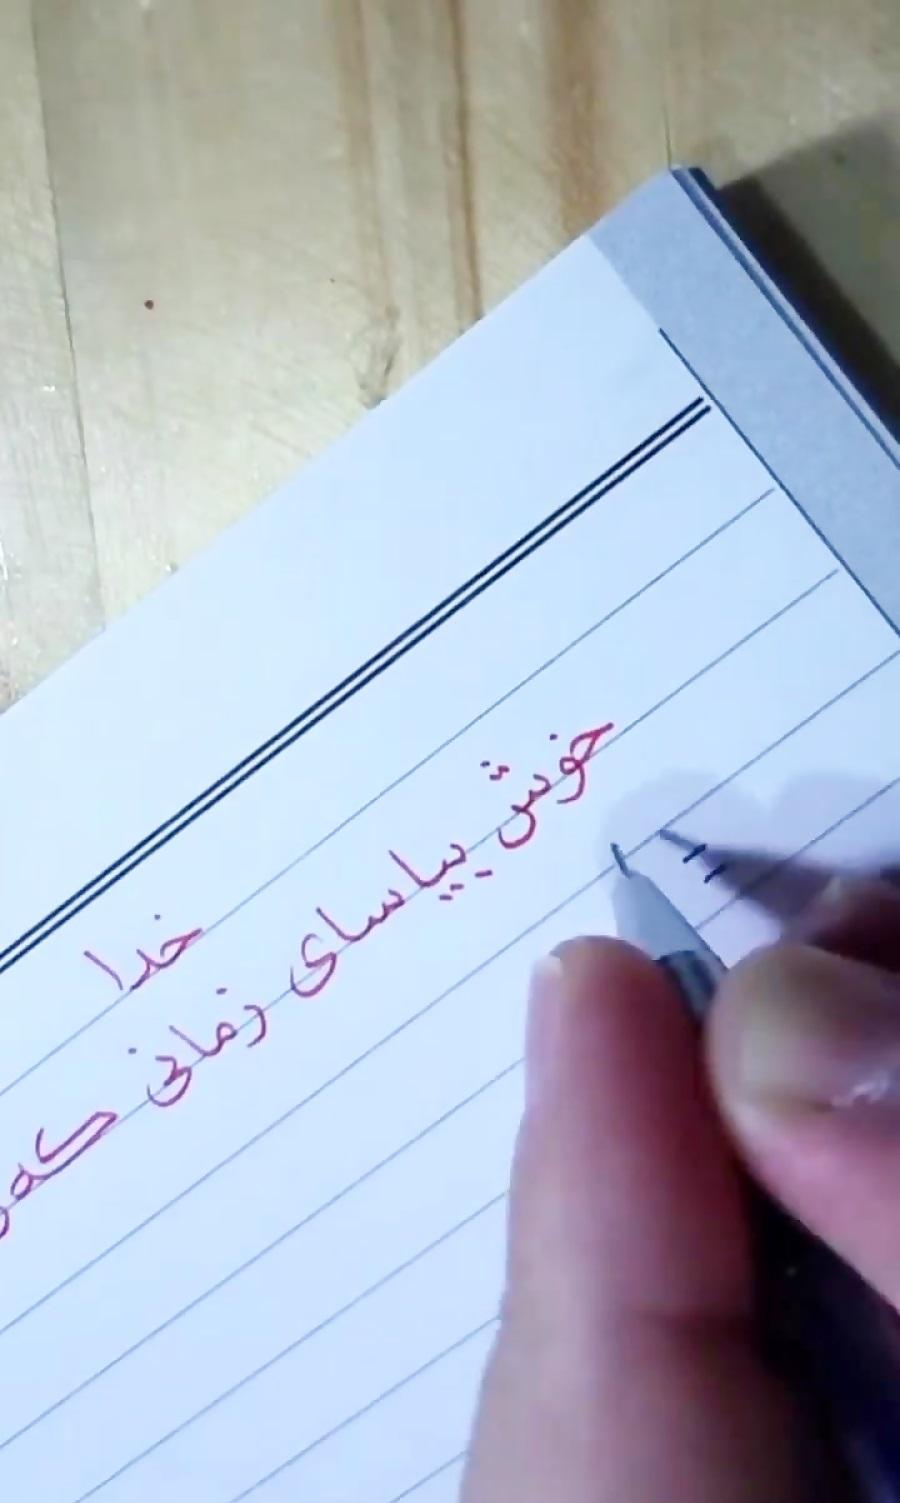 کلاس خوشنویسی با خودکار به روش نسخ